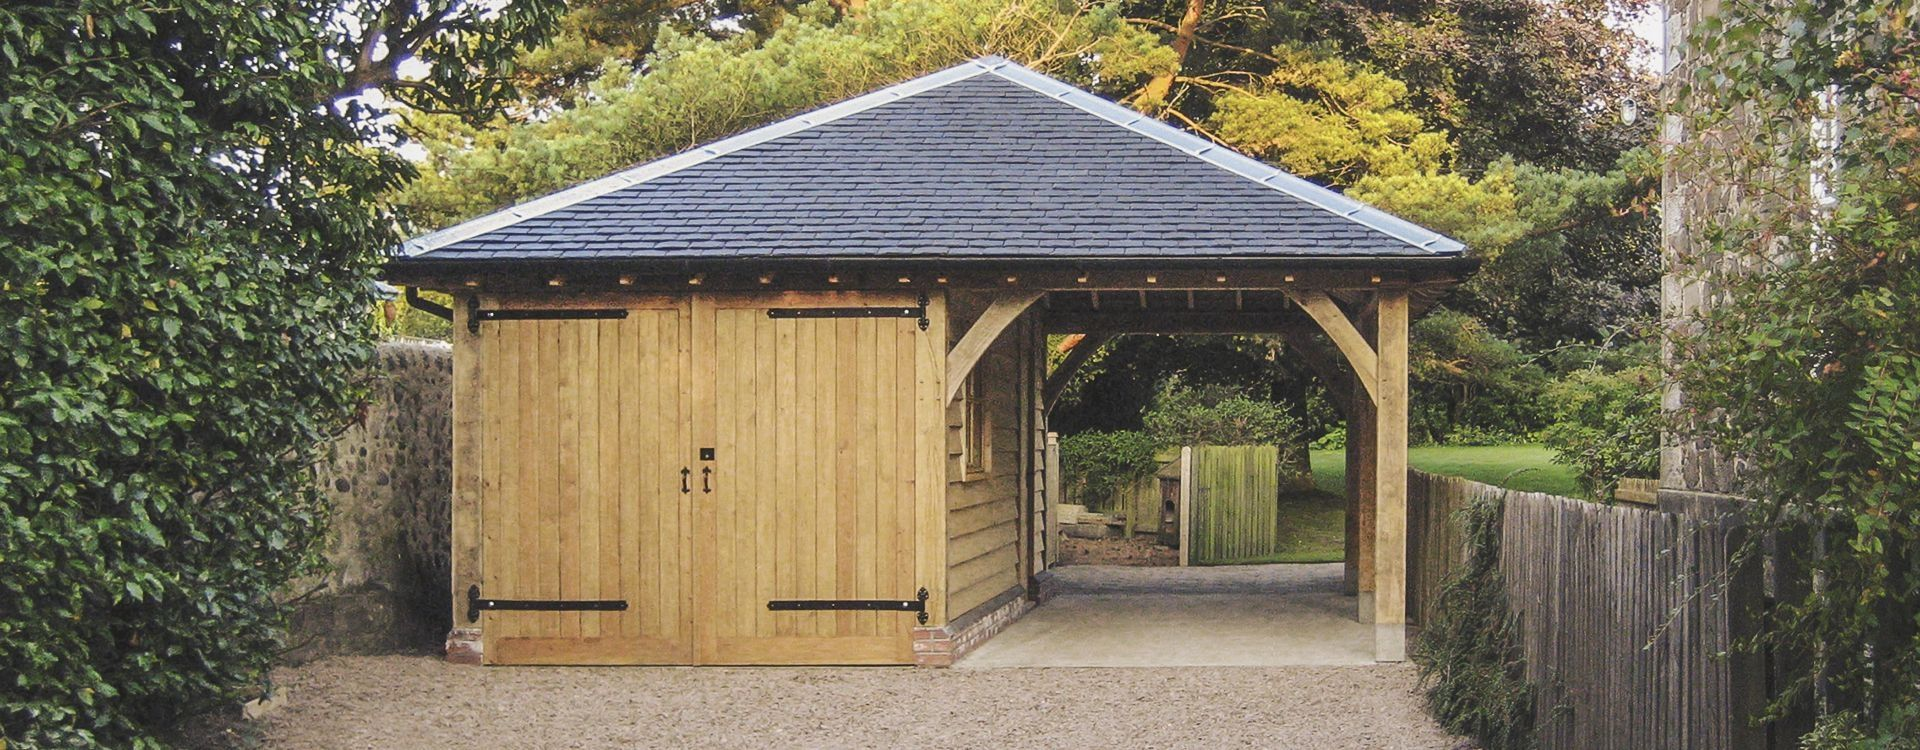 Metal Wood Carports Uk by Garage Buildings. Get steel